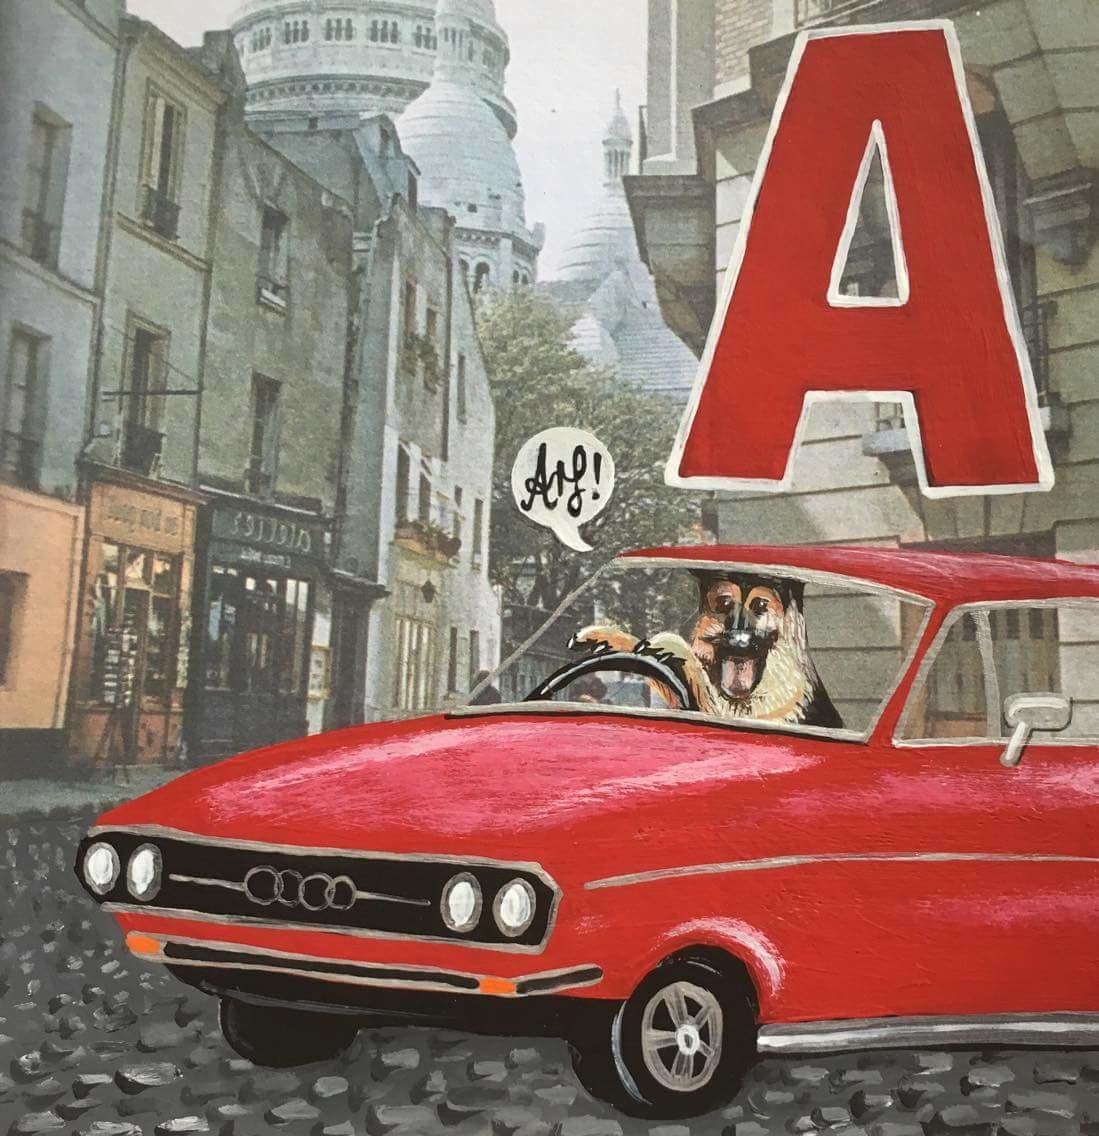 An Alsatian & an Audi